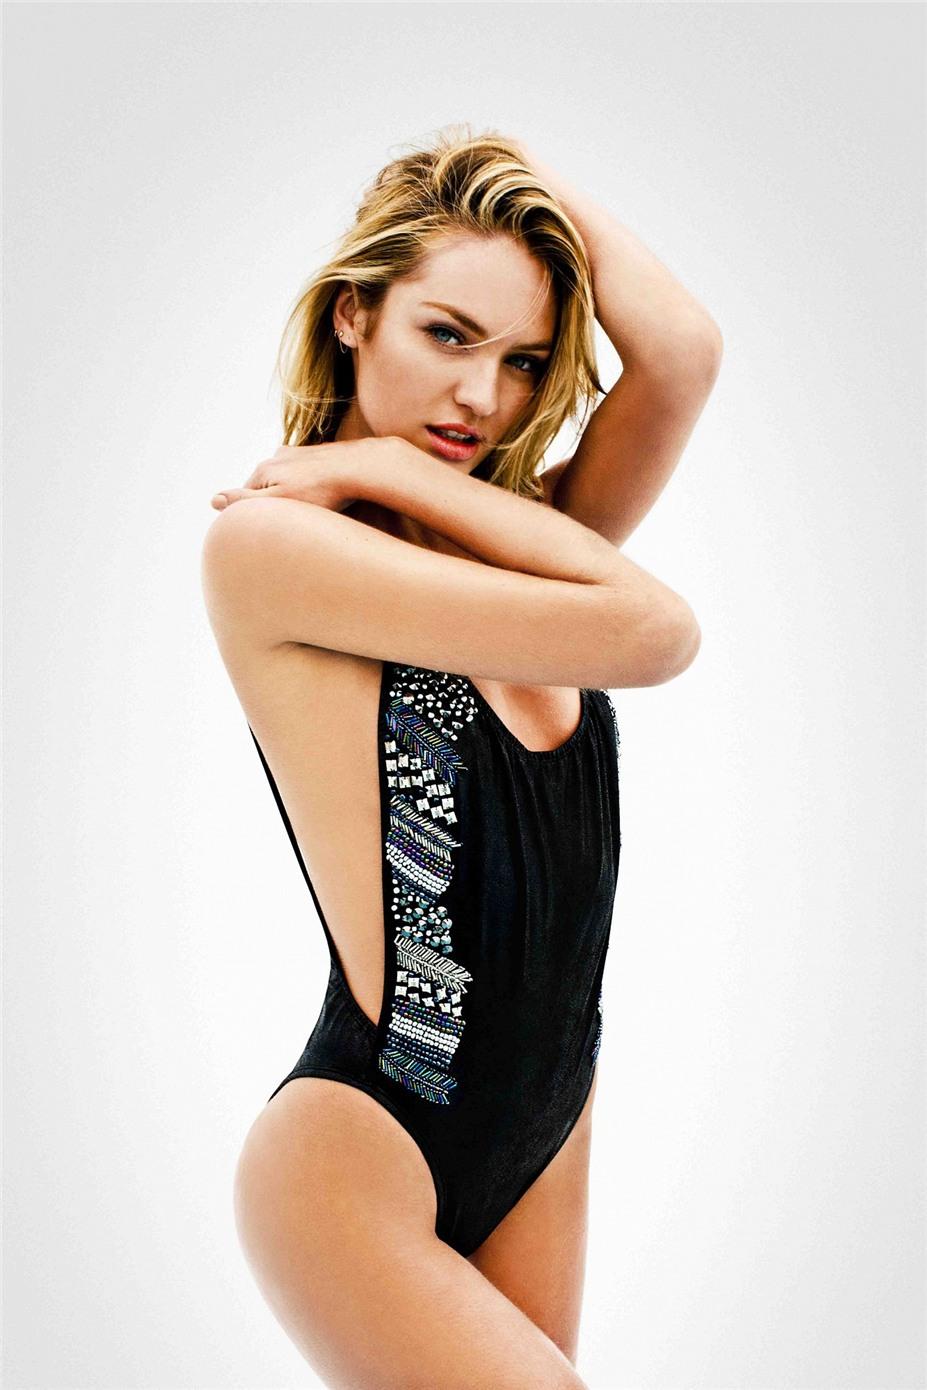 Candice Swanepoel / Кэндис Свейнпол в купальниках Agua Bendita, коллекция 2014 года